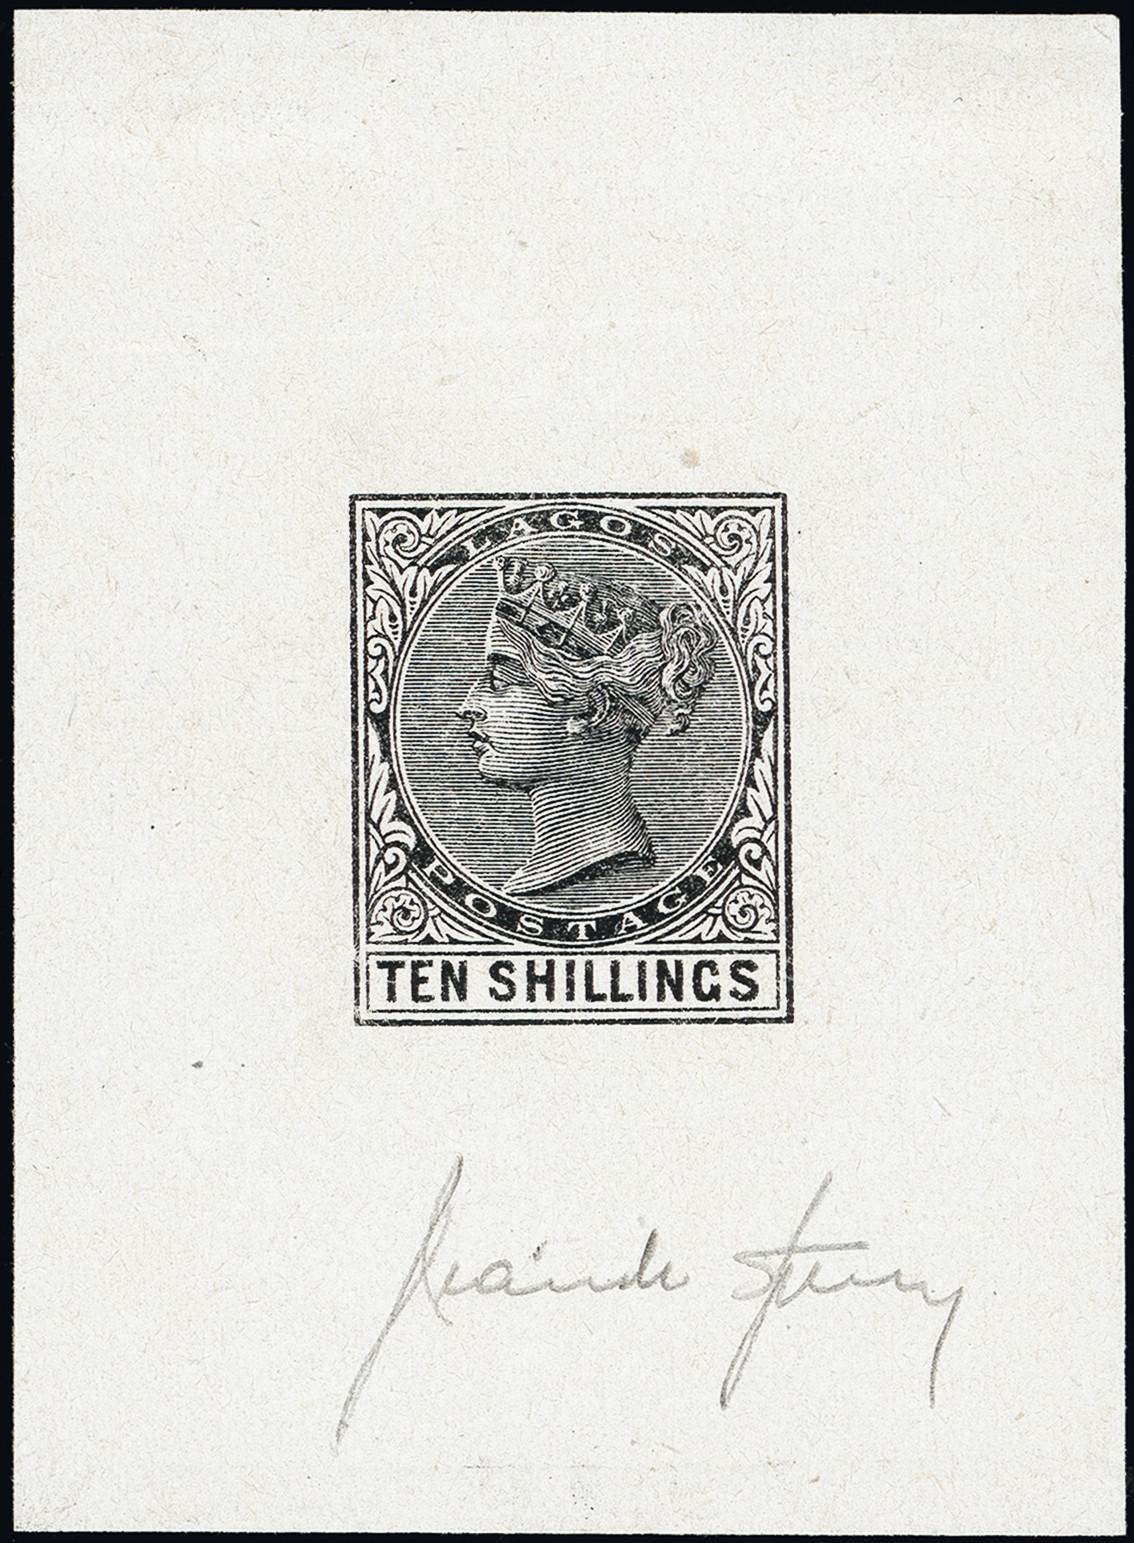 Lot 1370 - British Commonwealth lagos -  Heinrich Koehler Auktionen Heinrich Köhler Auction 376 - Day 1